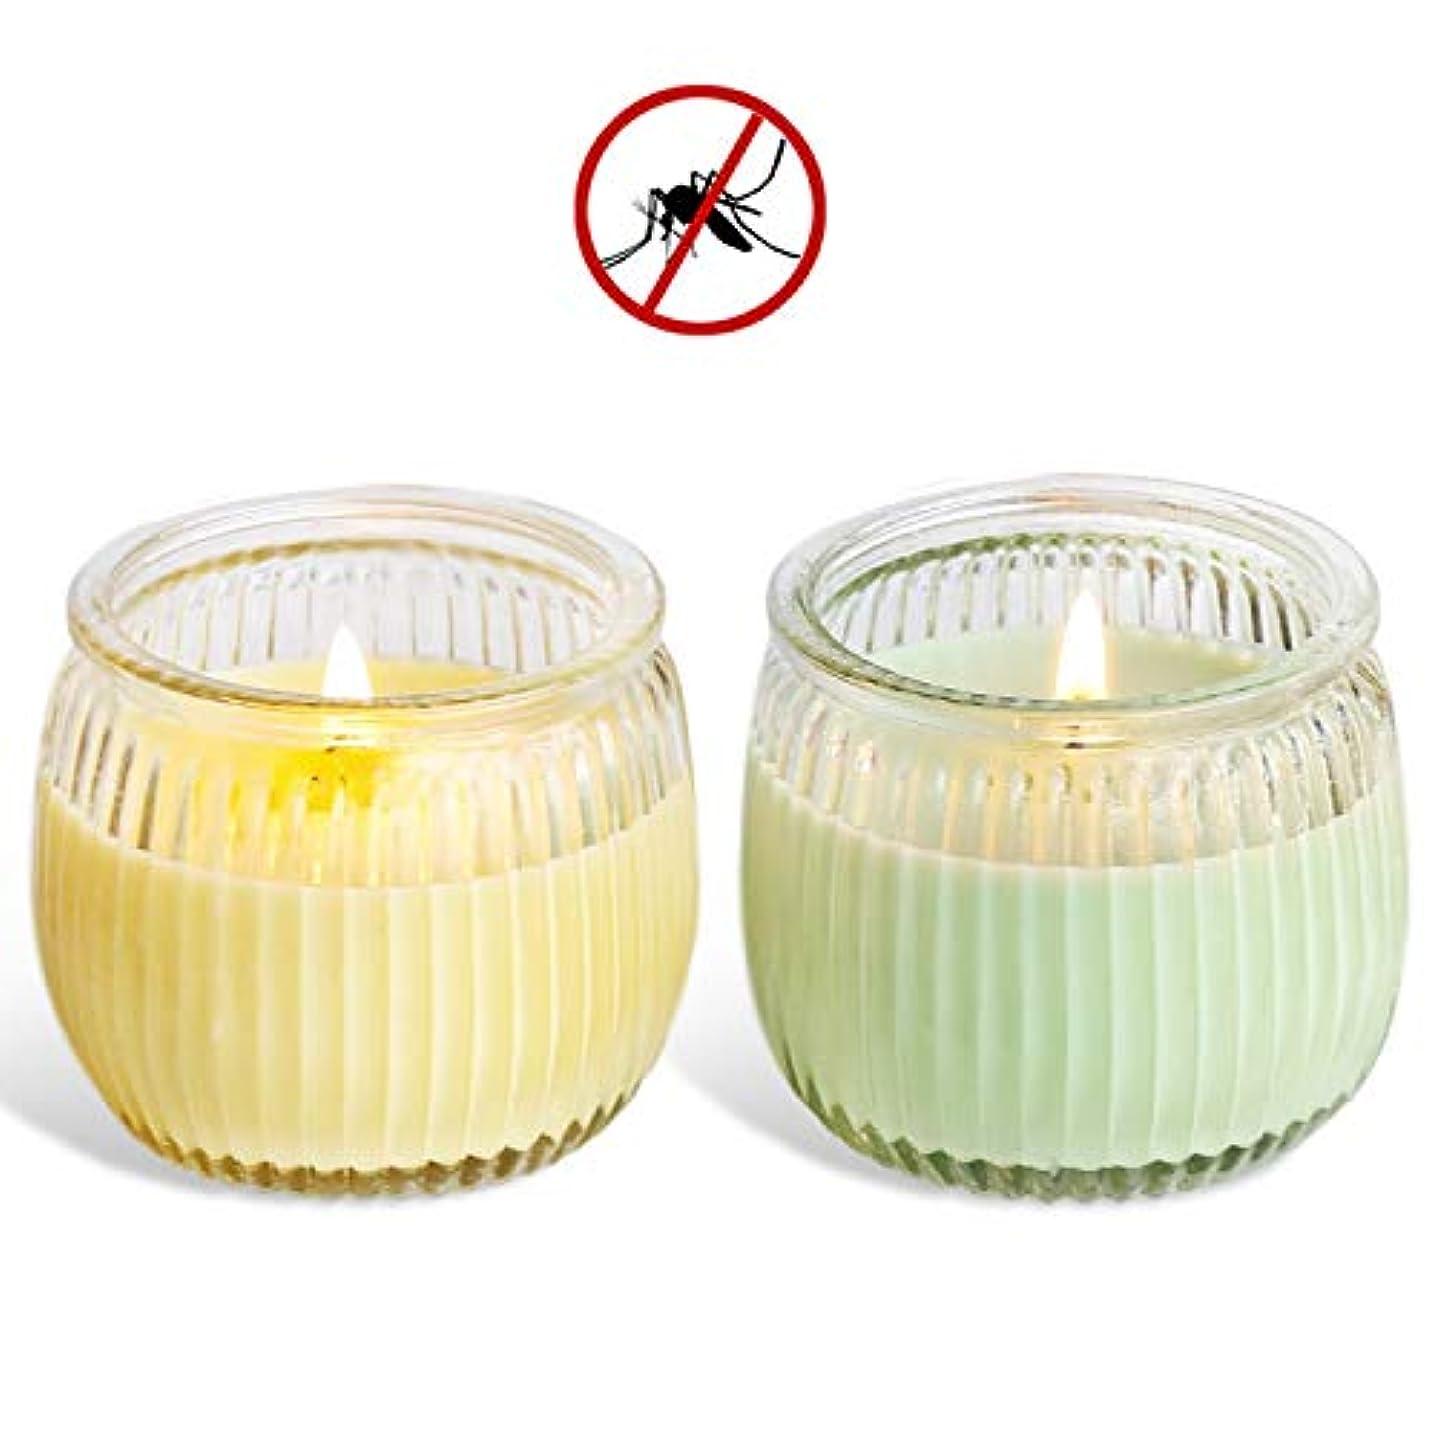 収束マーケティング盲目EasyH スイカガラスカップの野菜大豆ワックスアロマキャンドルグリーンキャンドル